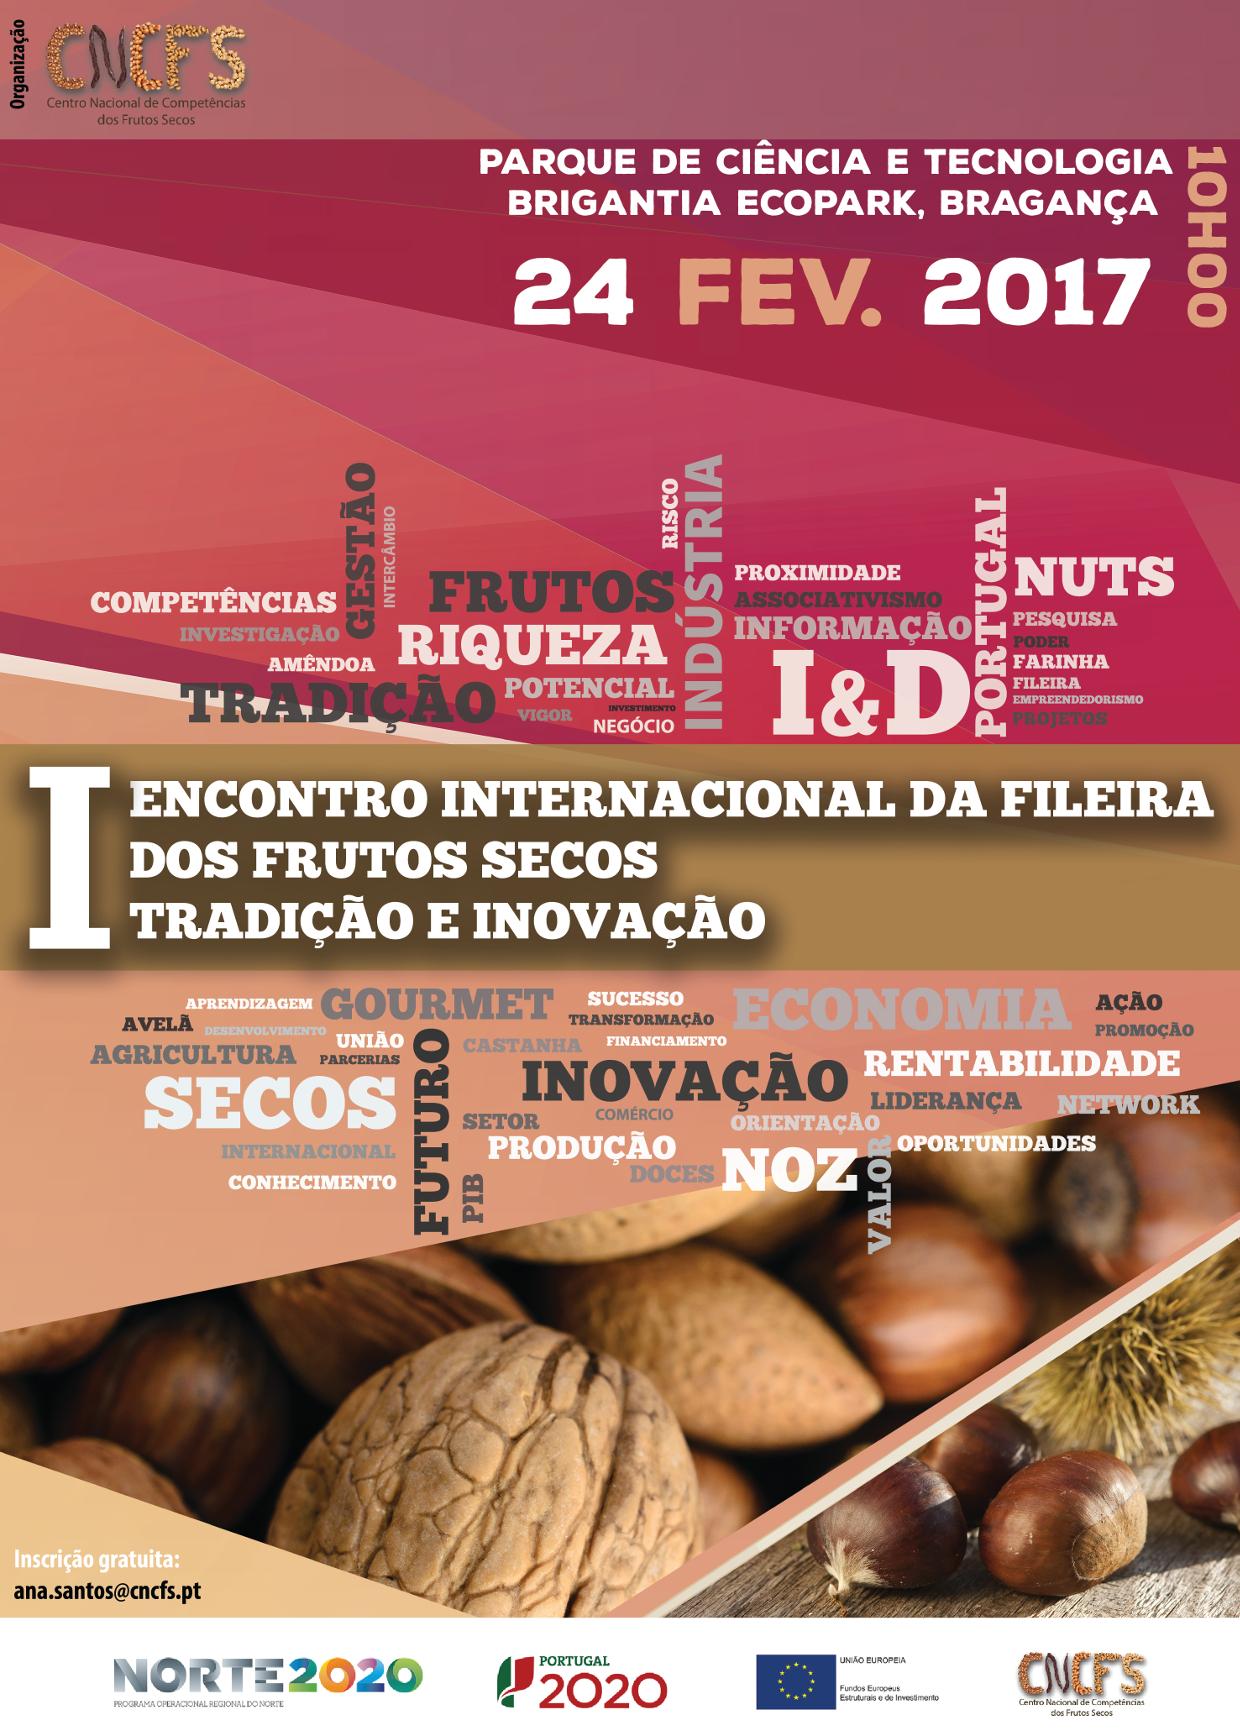 I Encontro Internacional da Fileira dos Frutos Secos: Tradição e Inovação